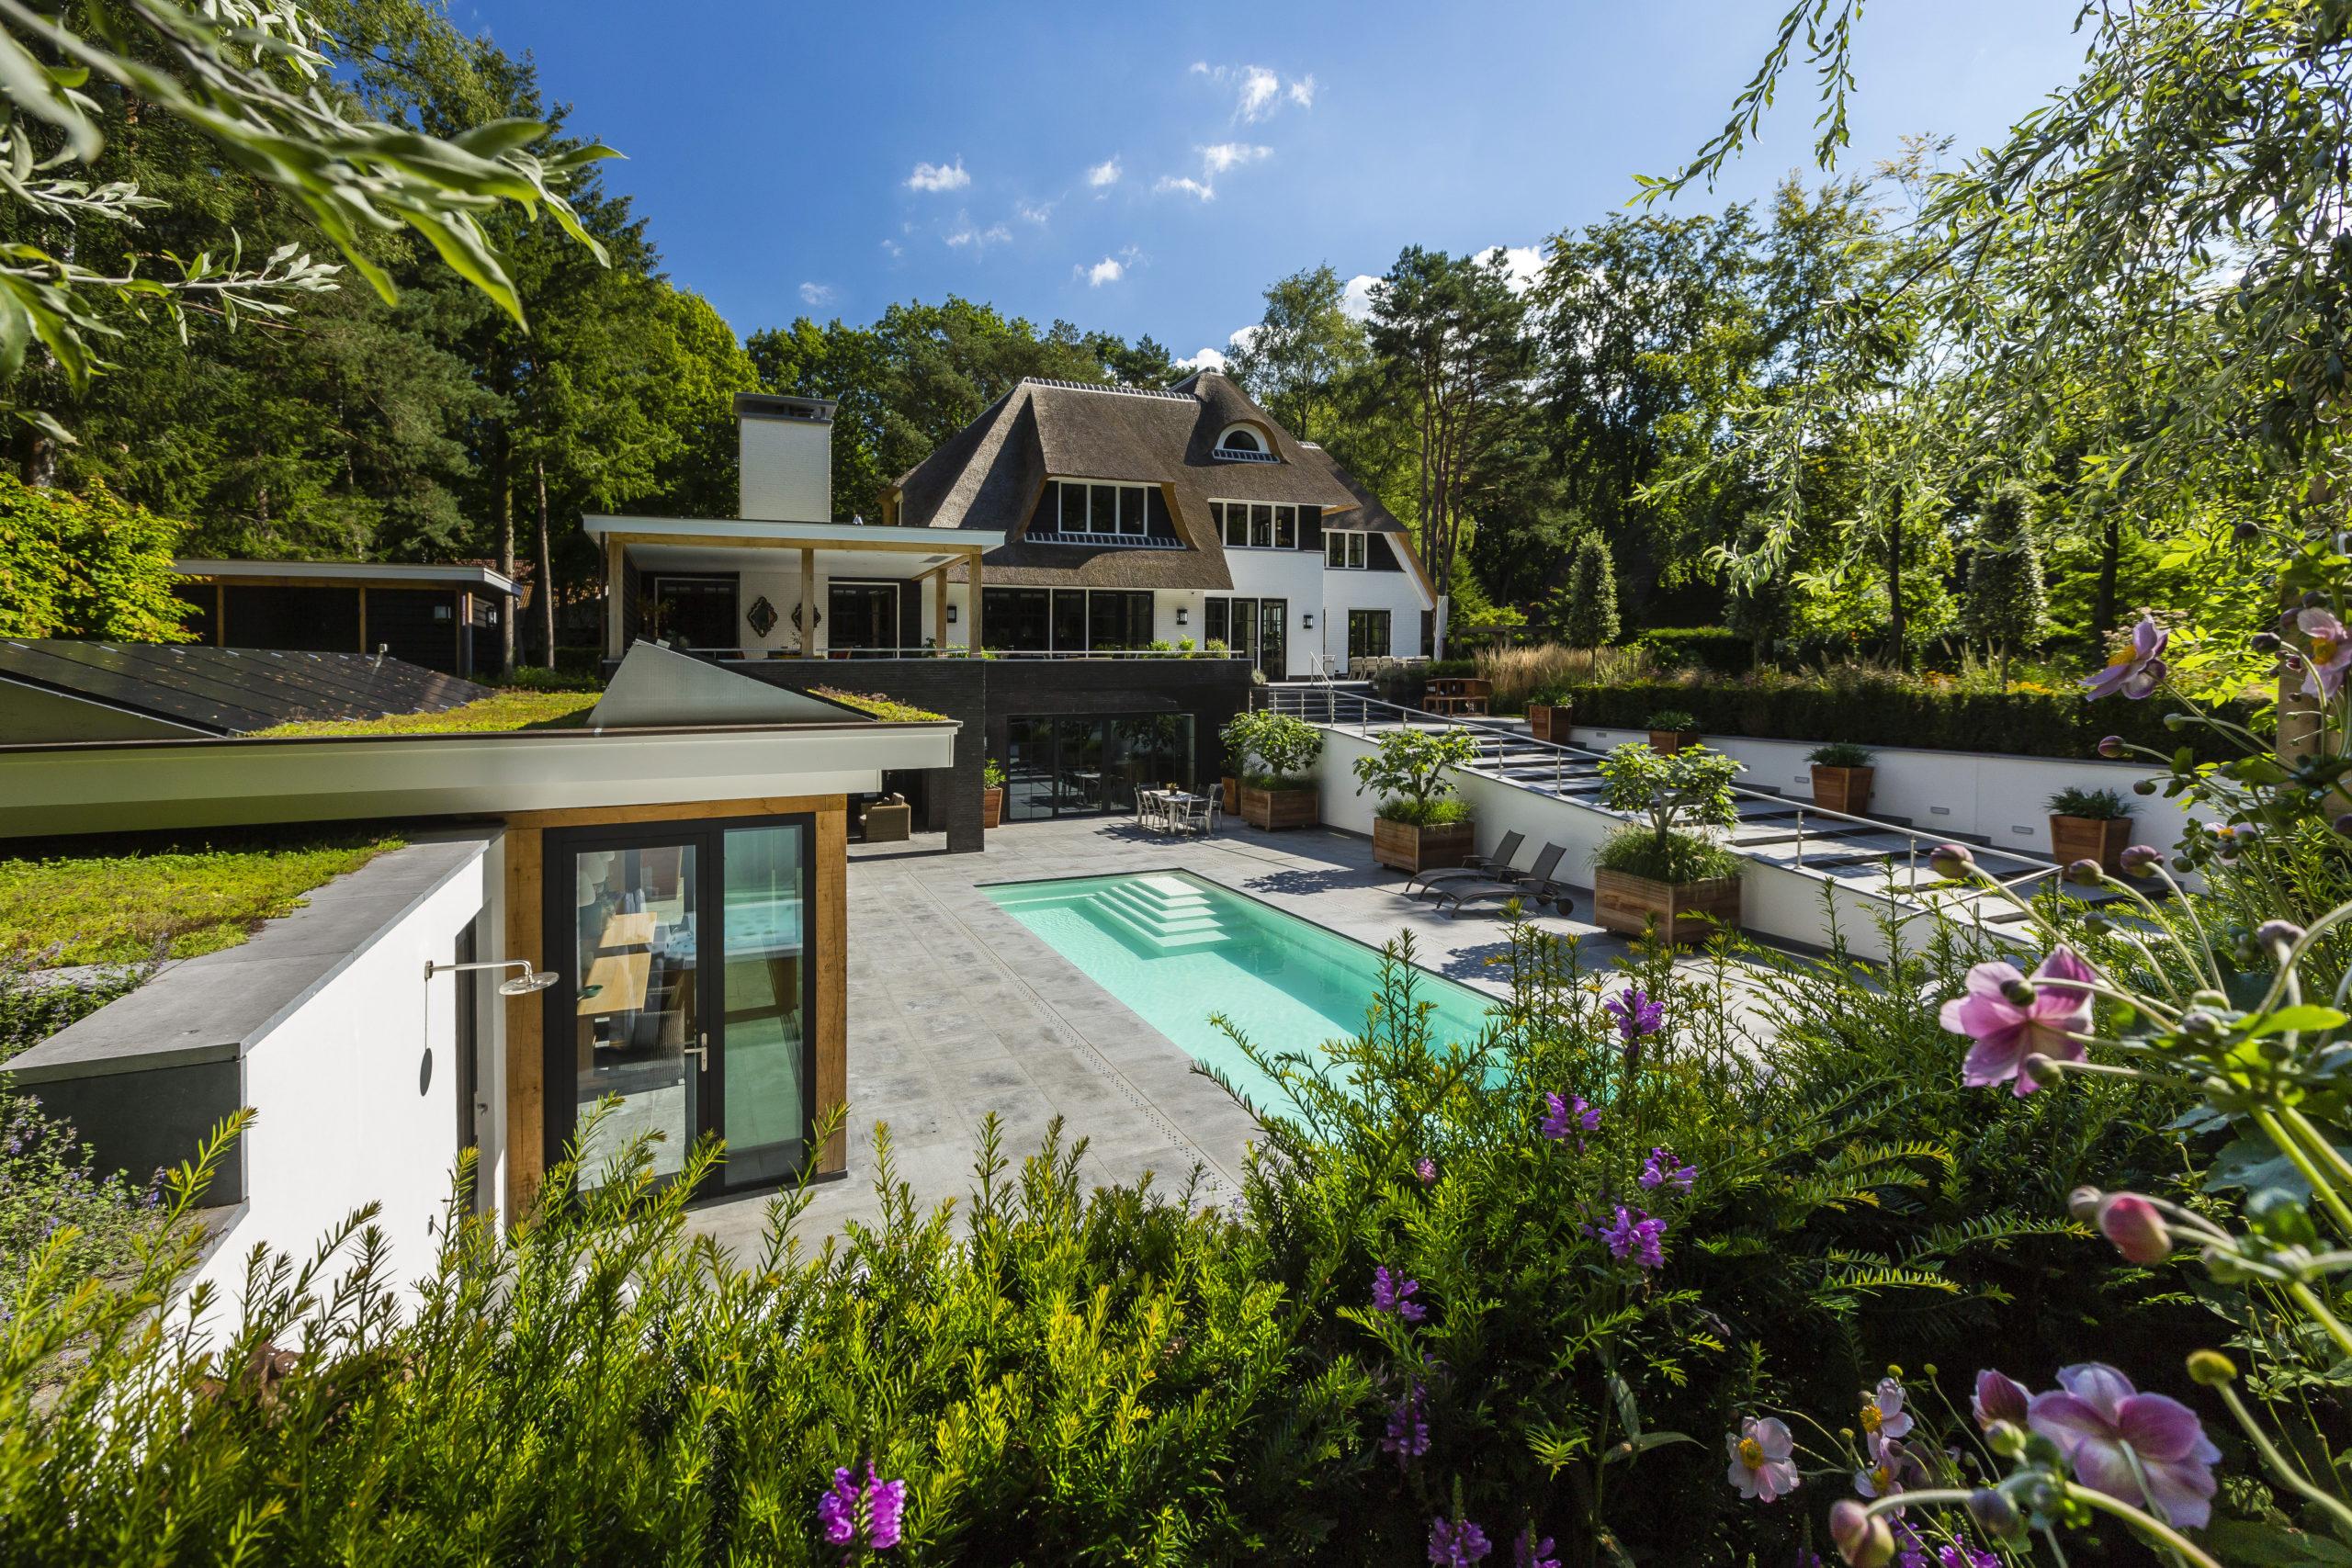 Landhuis op de Veluwe - tuin met zwembad en buitenkeuken - Lichtenberg Exclusieve Villabouw